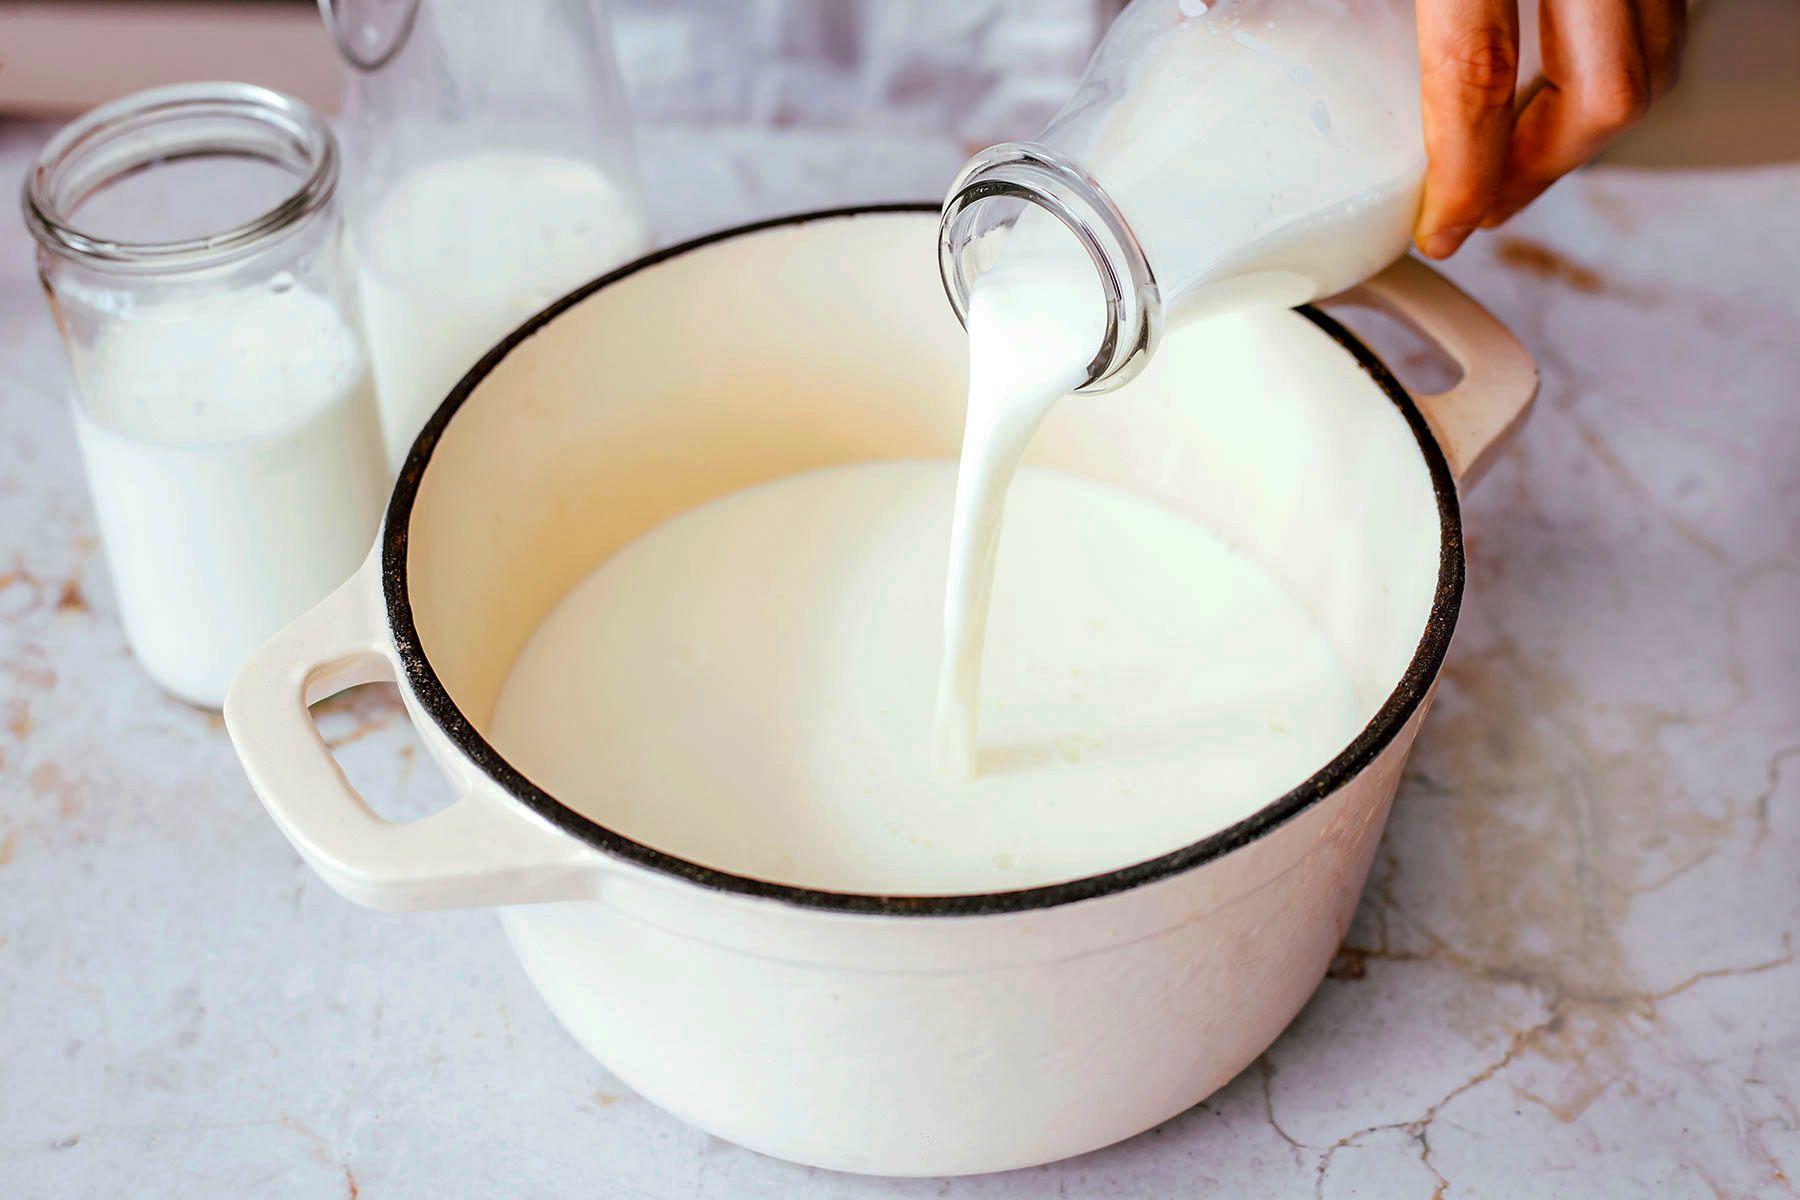 pour milk into pot